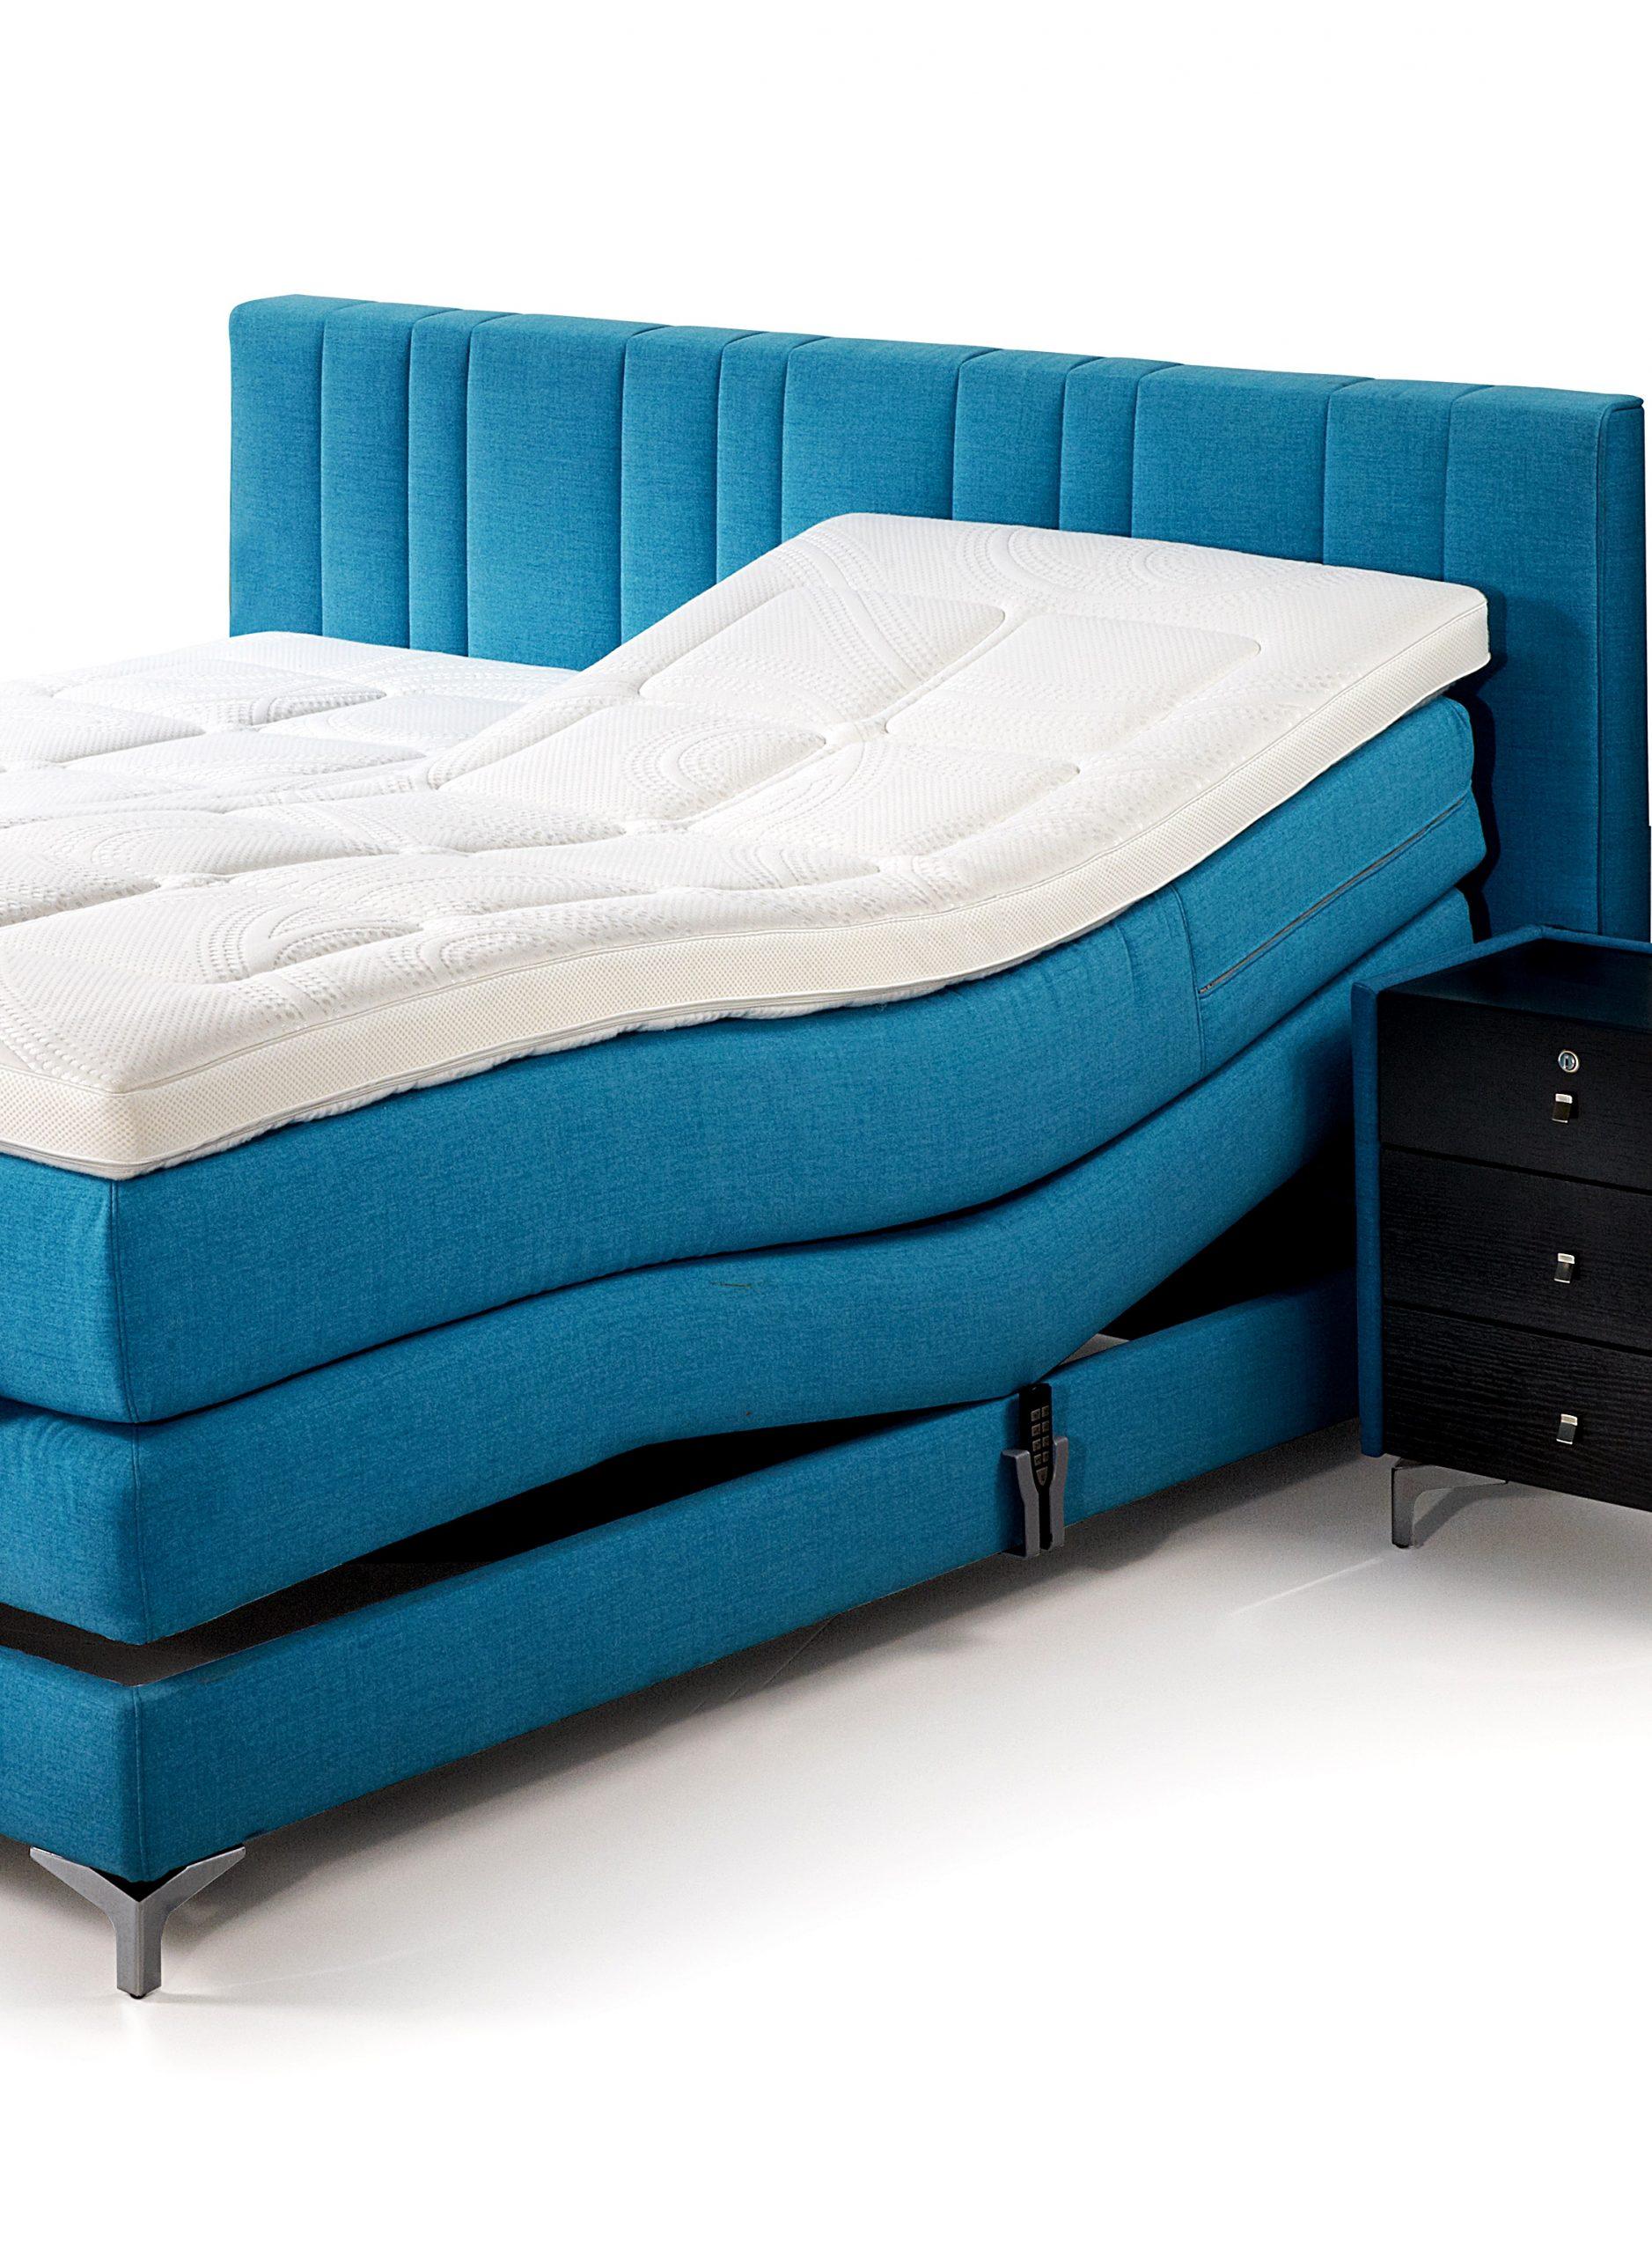 Full Size of Ihr Bettenfachhndler Im Sauerland Betten Meyer Bett Www.betten.de